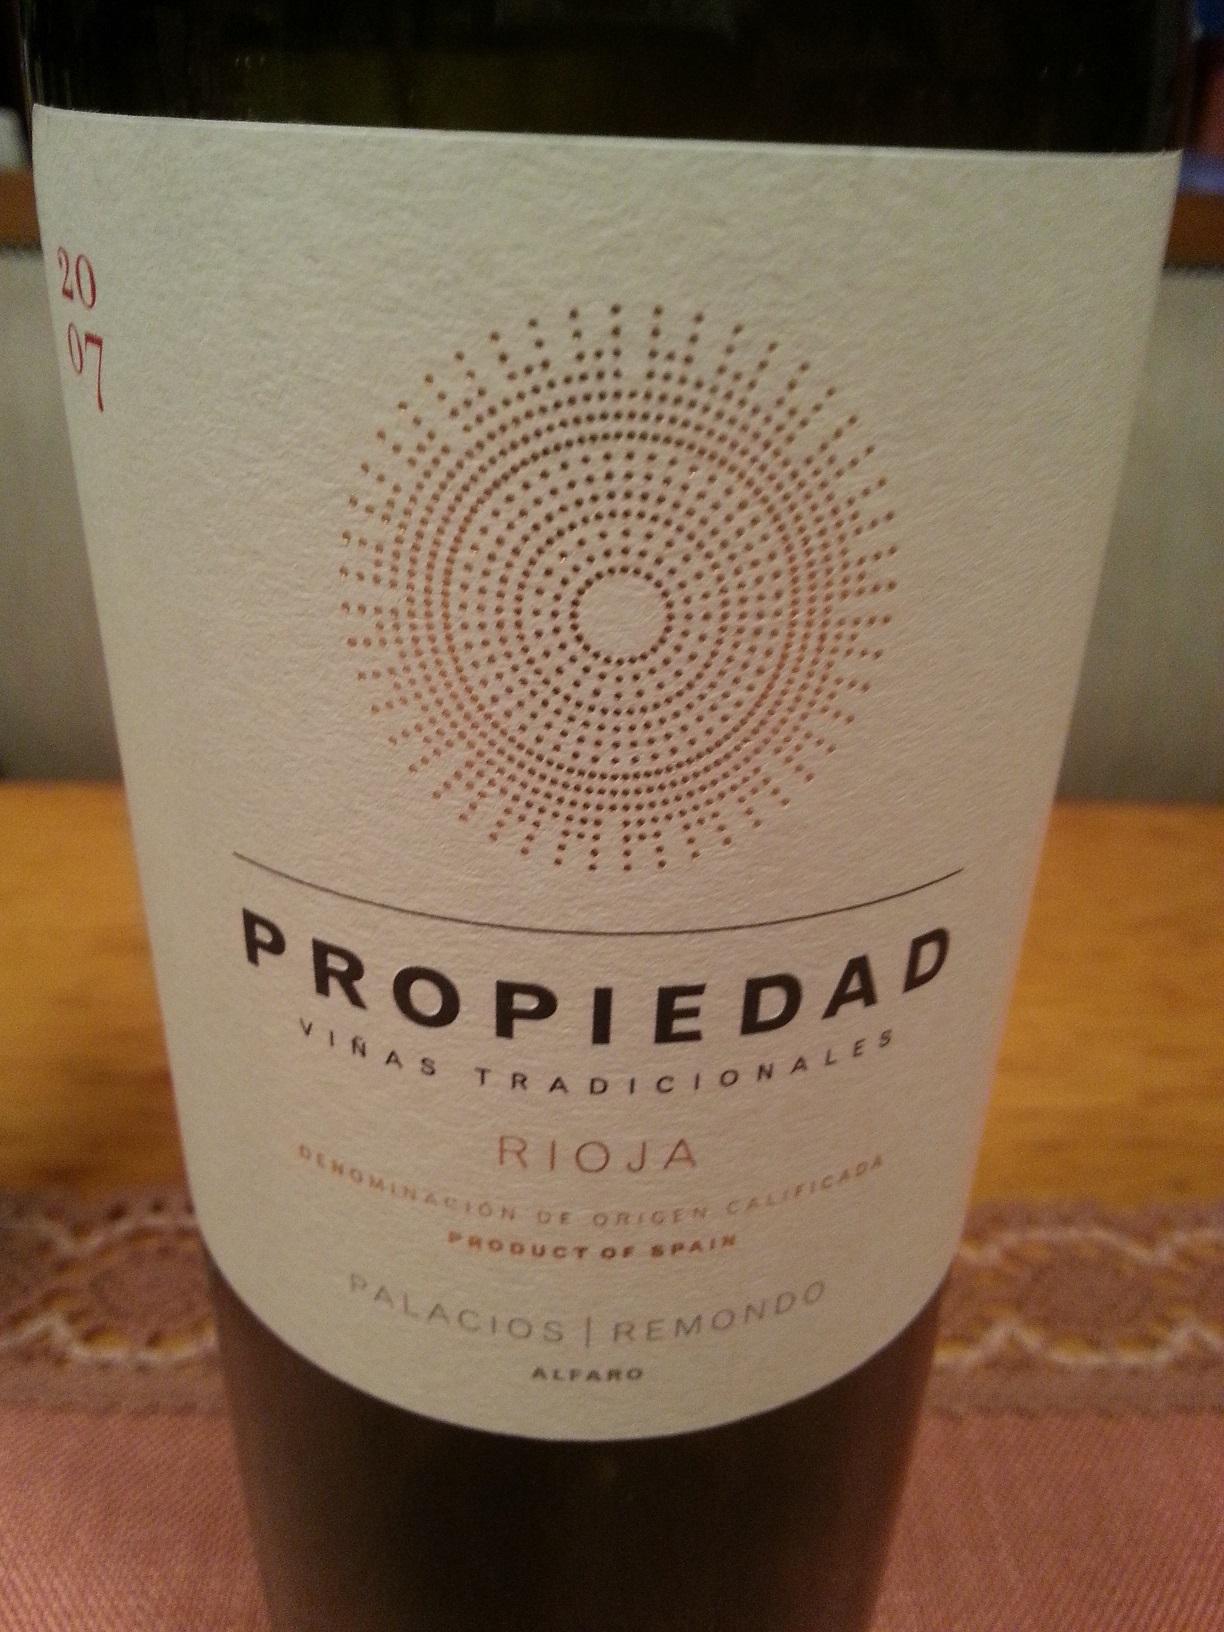 2007 Propiedad | Palacios